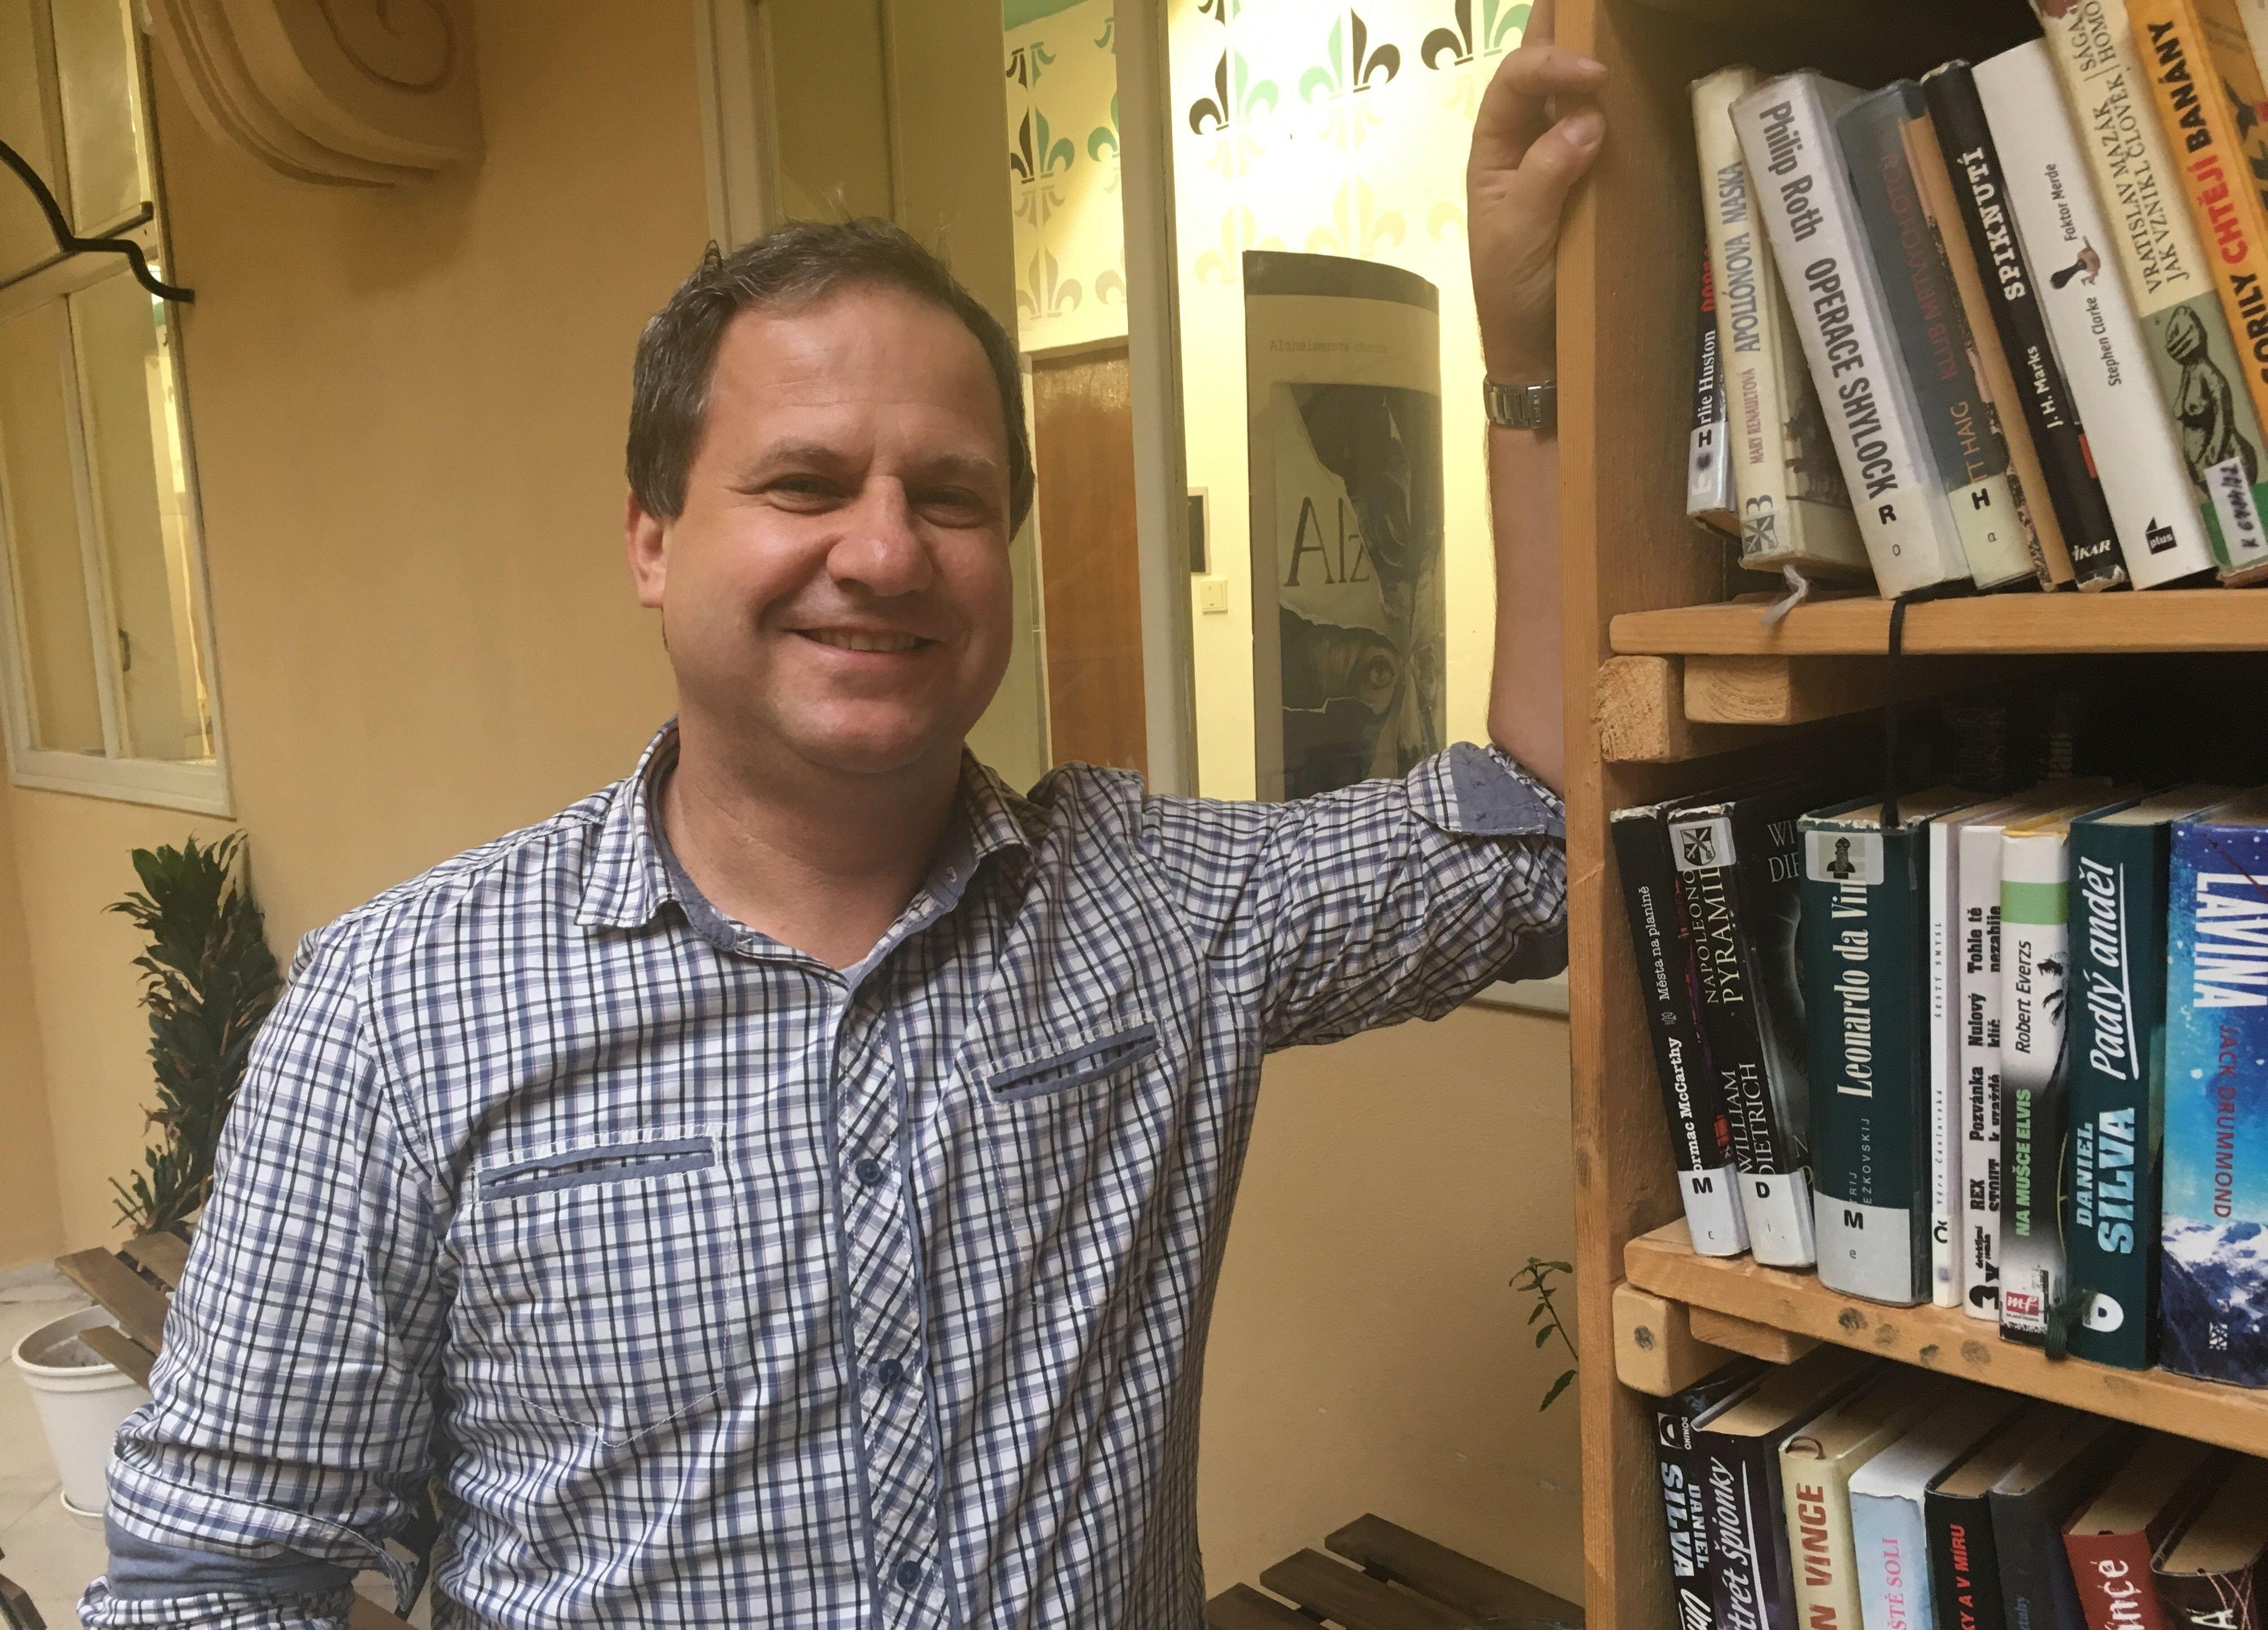 Stal se ze mě odborník na desinfekce a hygienu, říká Jaroslav Jirásko.